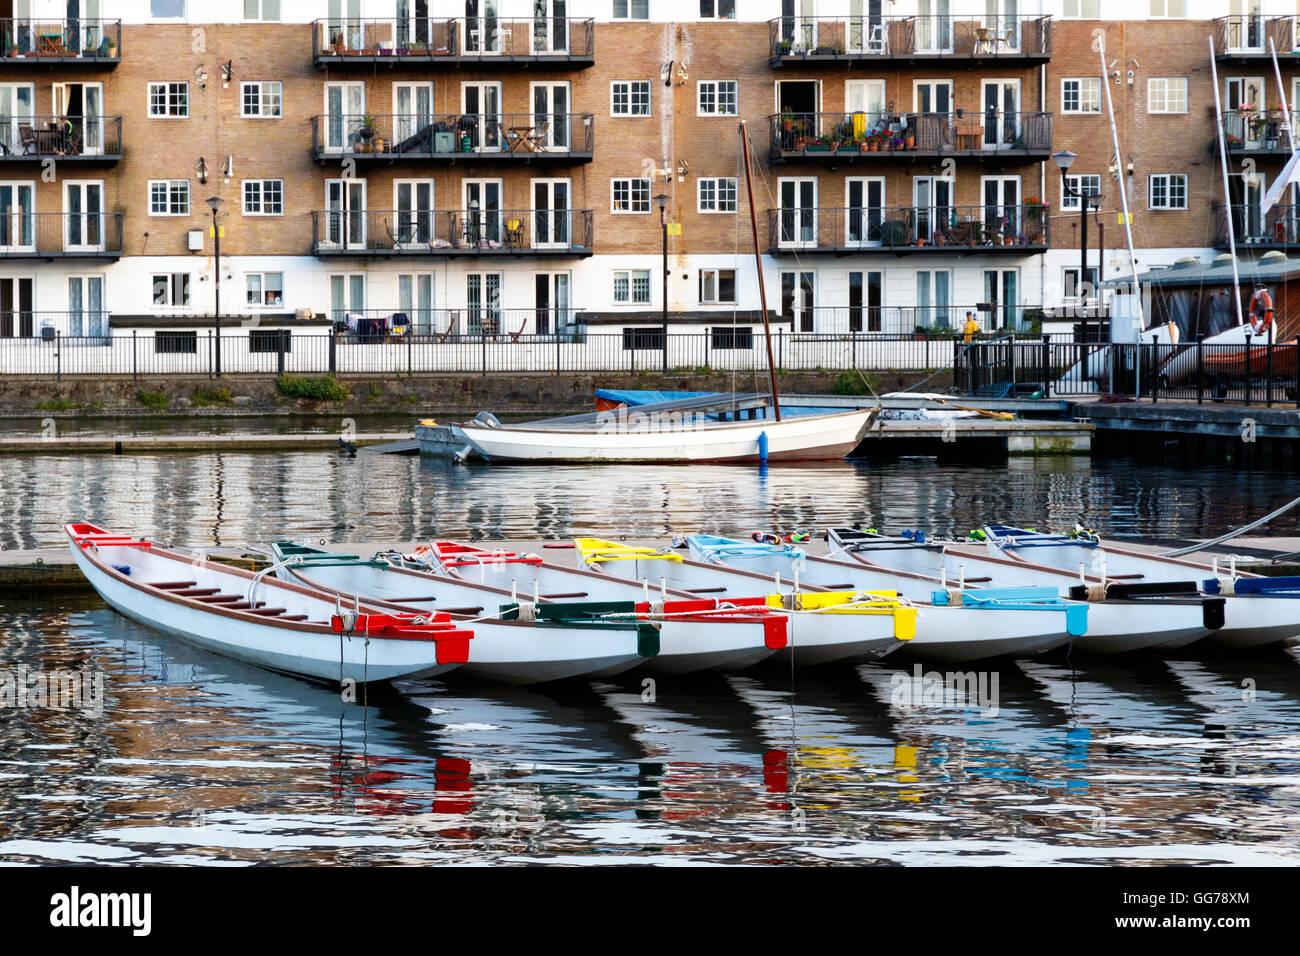 Ligne d'embarcations décorées de couleurs différentes, amarré à Millwall Dock externe Photo Stock